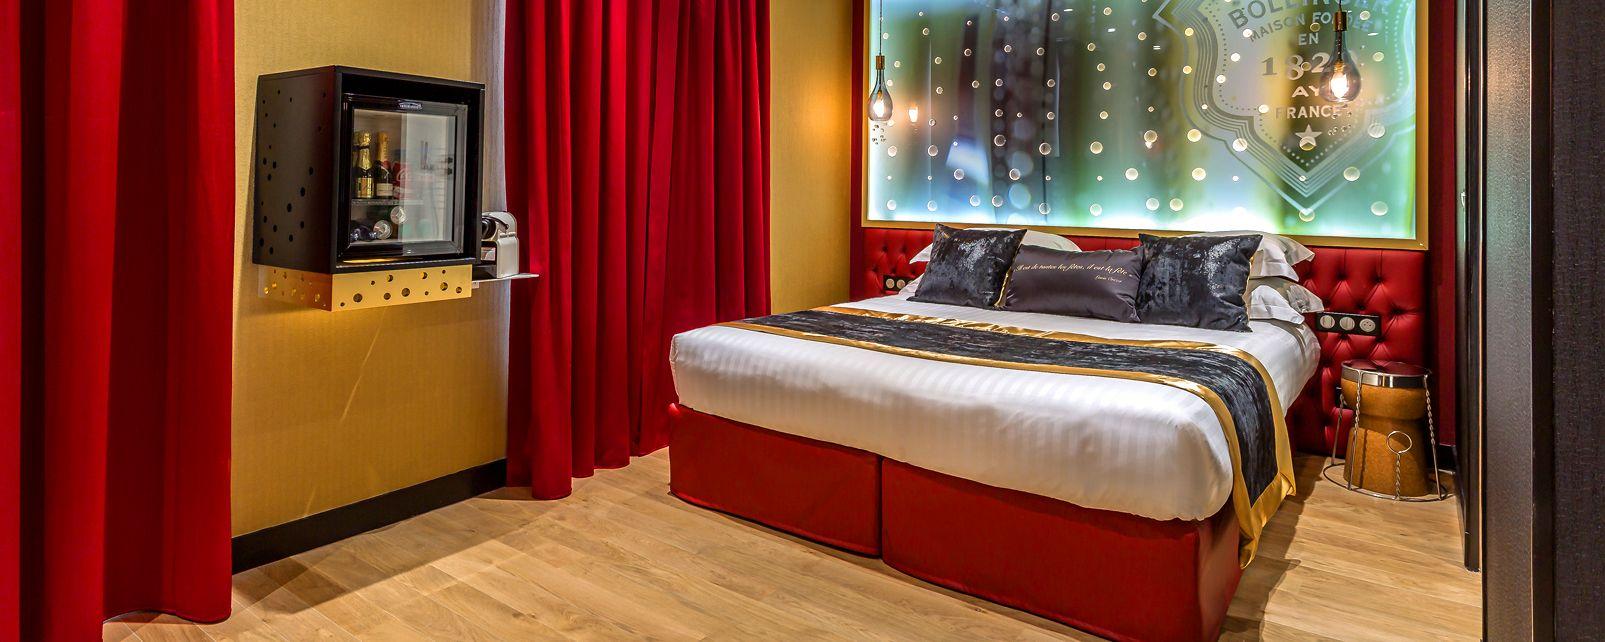 hotel les bulles de paris parigi francia. Black Bedroom Furniture Sets. Home Design Ideas